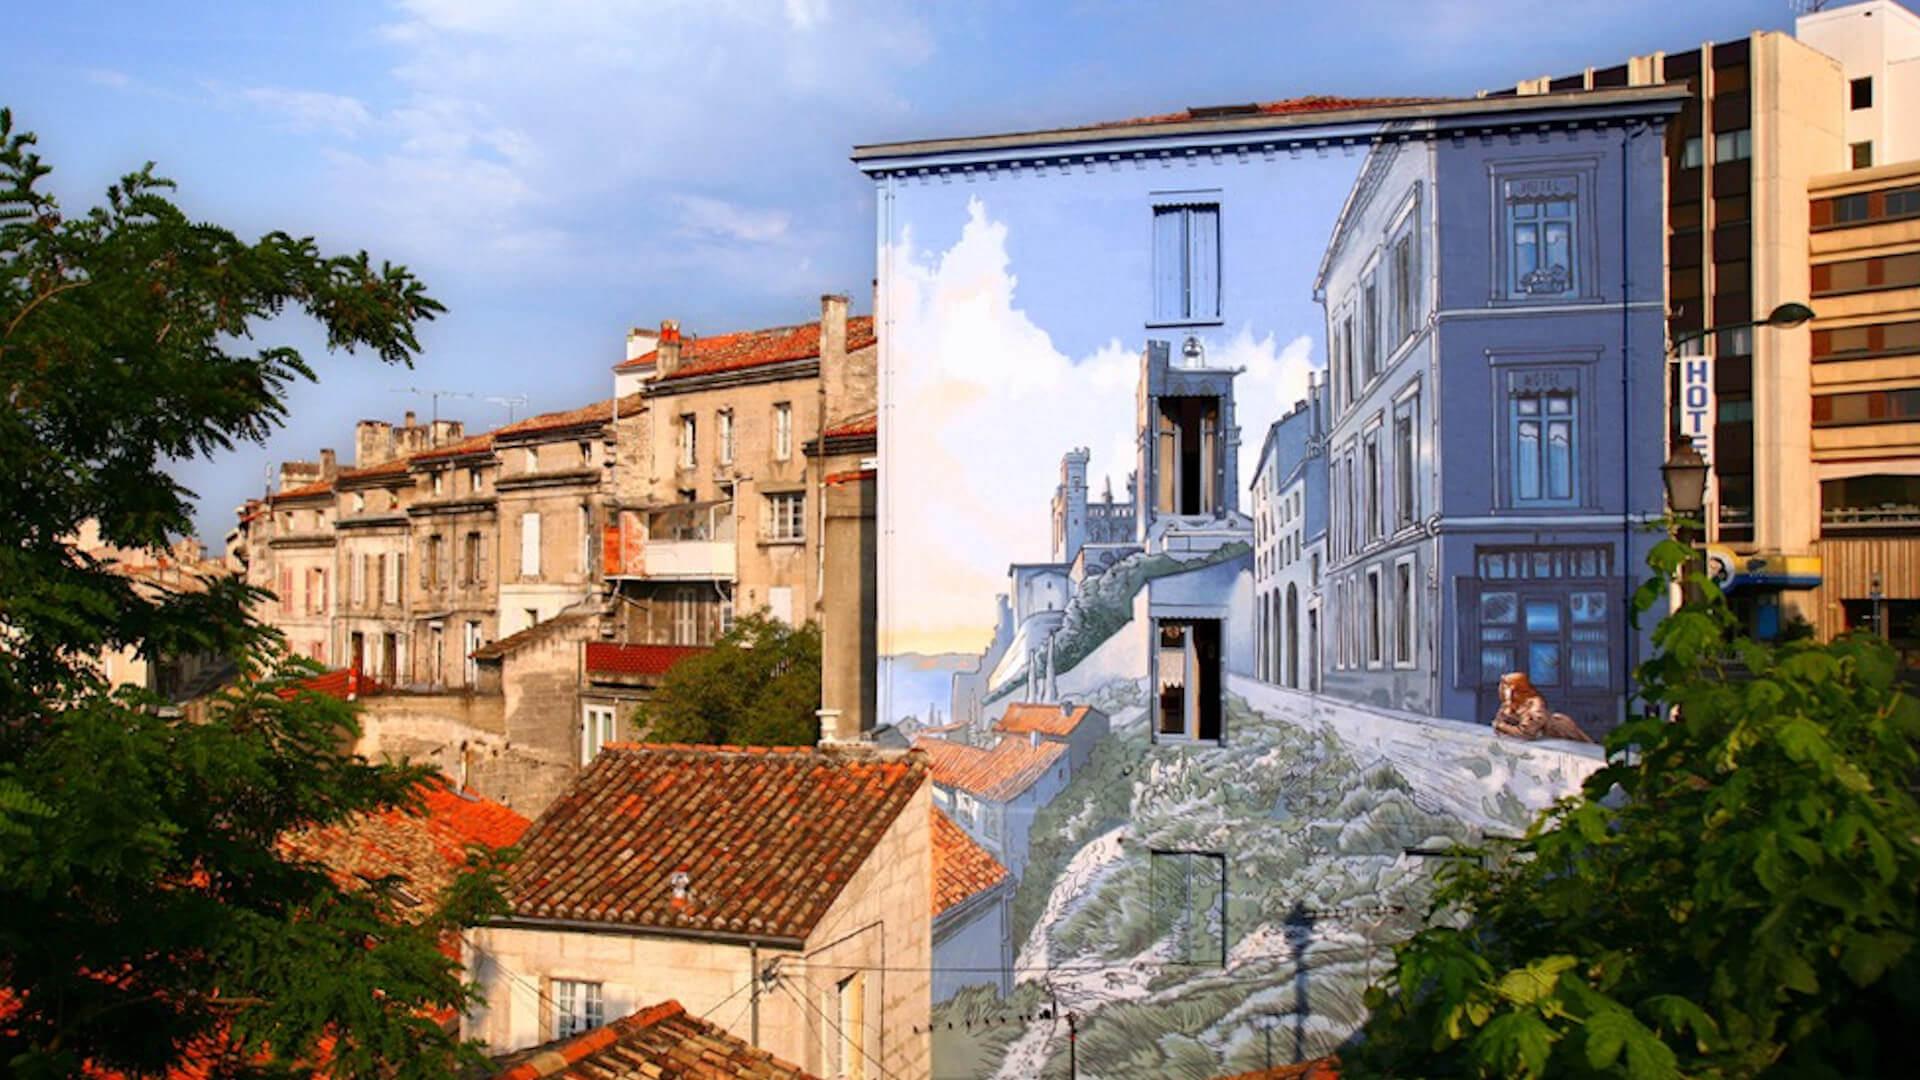 Angoulême capitale de la bande dessinée avec ses murs peints